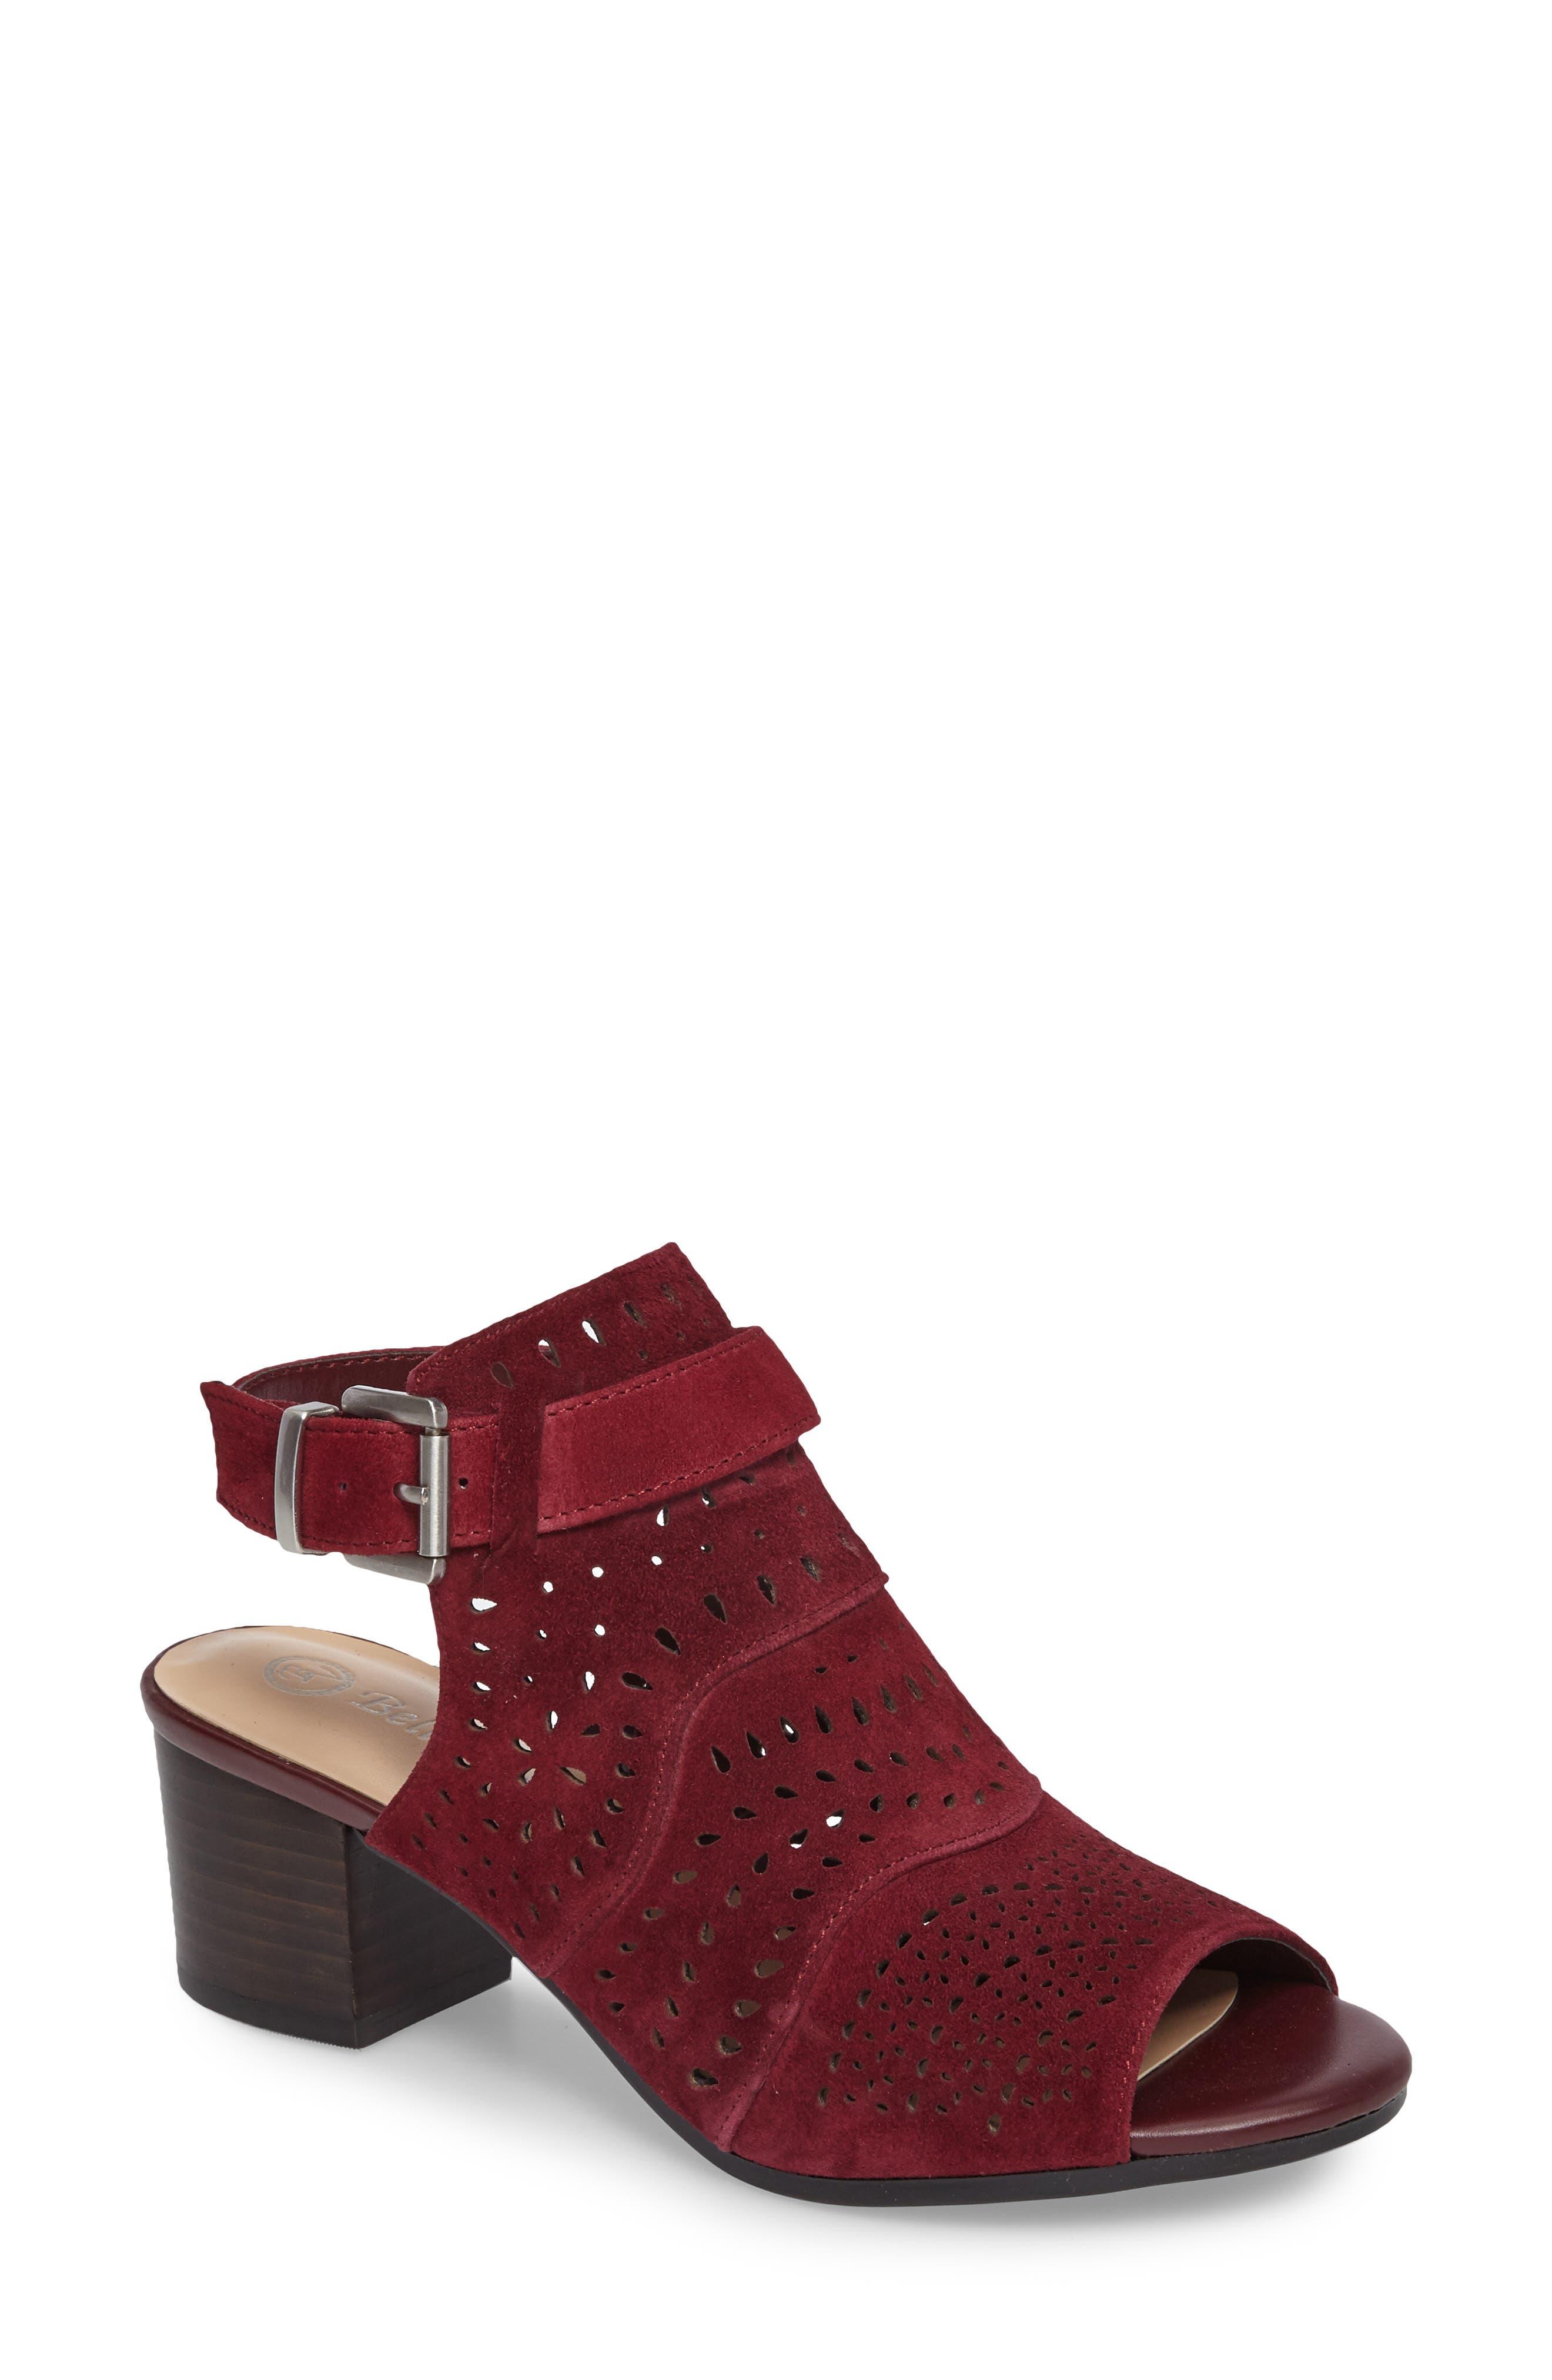 Fonda Perforated Sandal,                         Main,                         color, 930